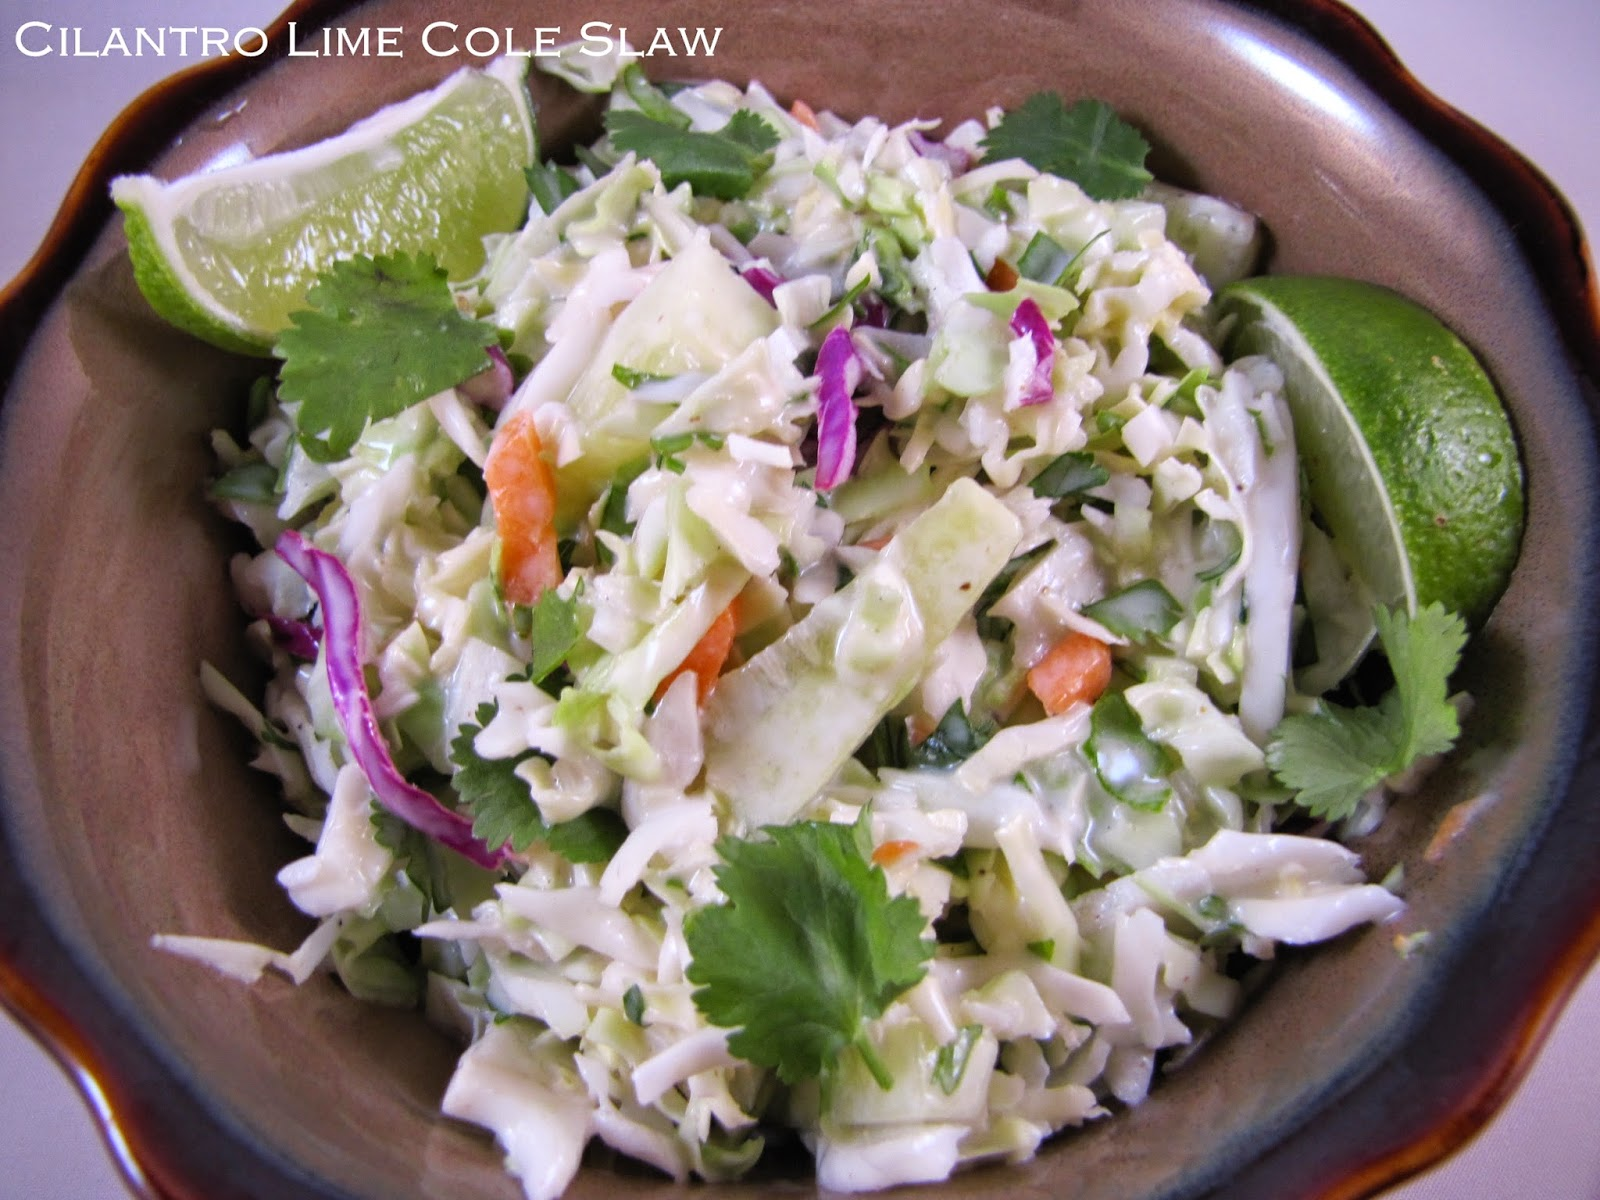 Big Mama's Home Kitchen: Cilantro Lime Cole Slaw